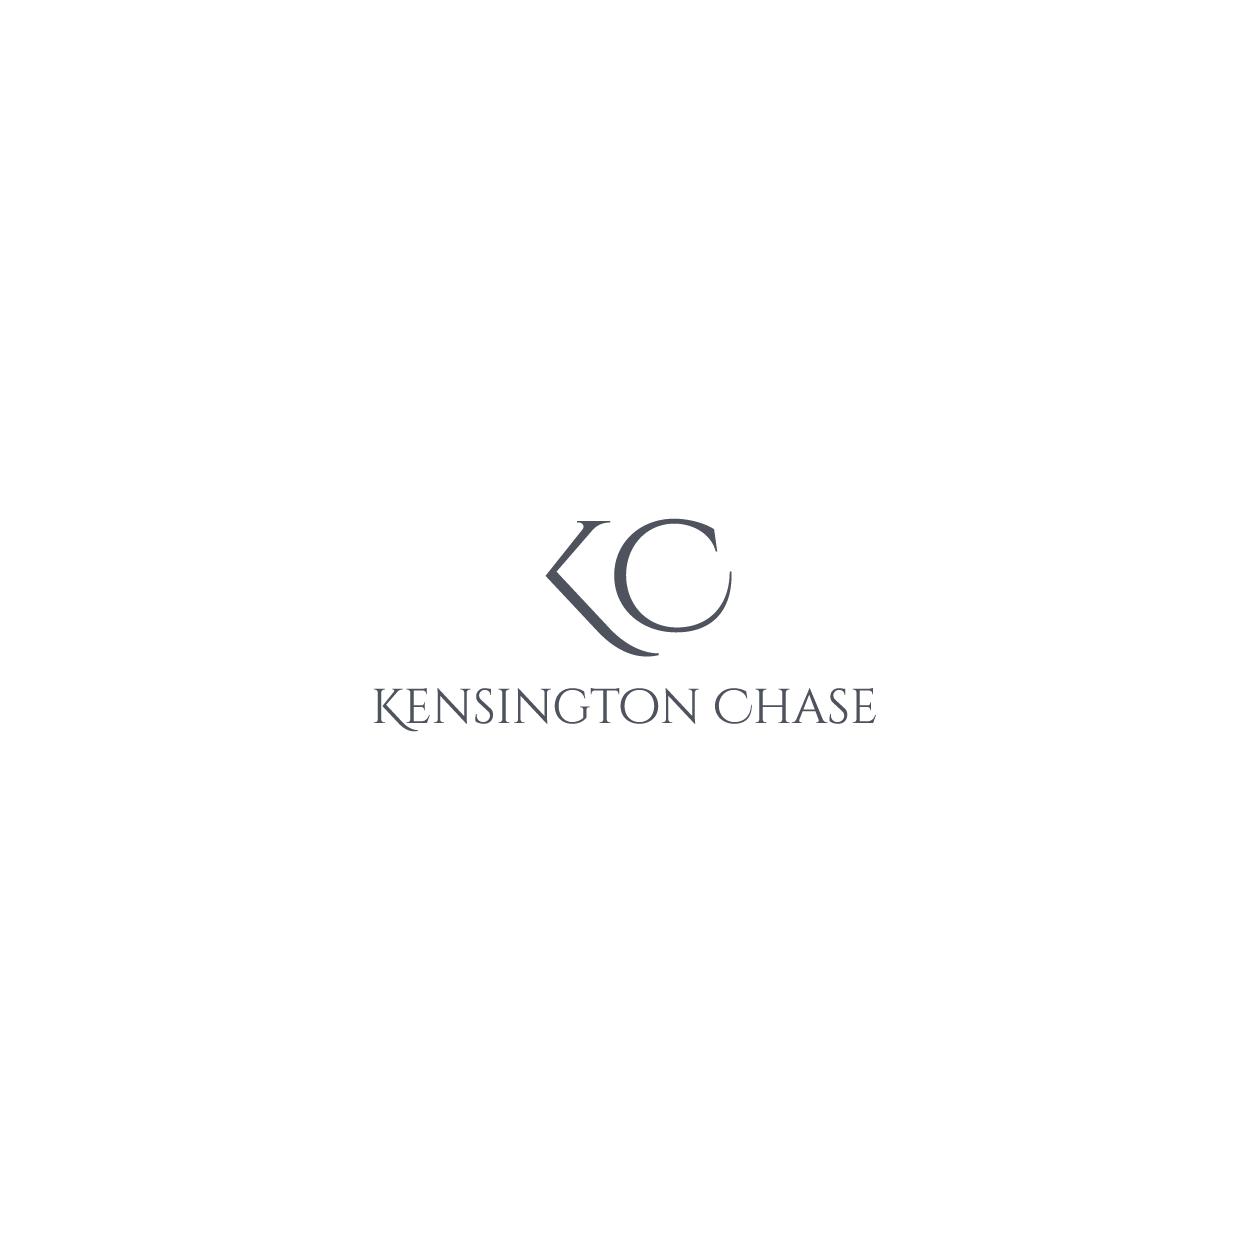 Logo Design by 354studio - Entry No. 54 in the Logo Design Contest Kensington Chase  Logo Design.